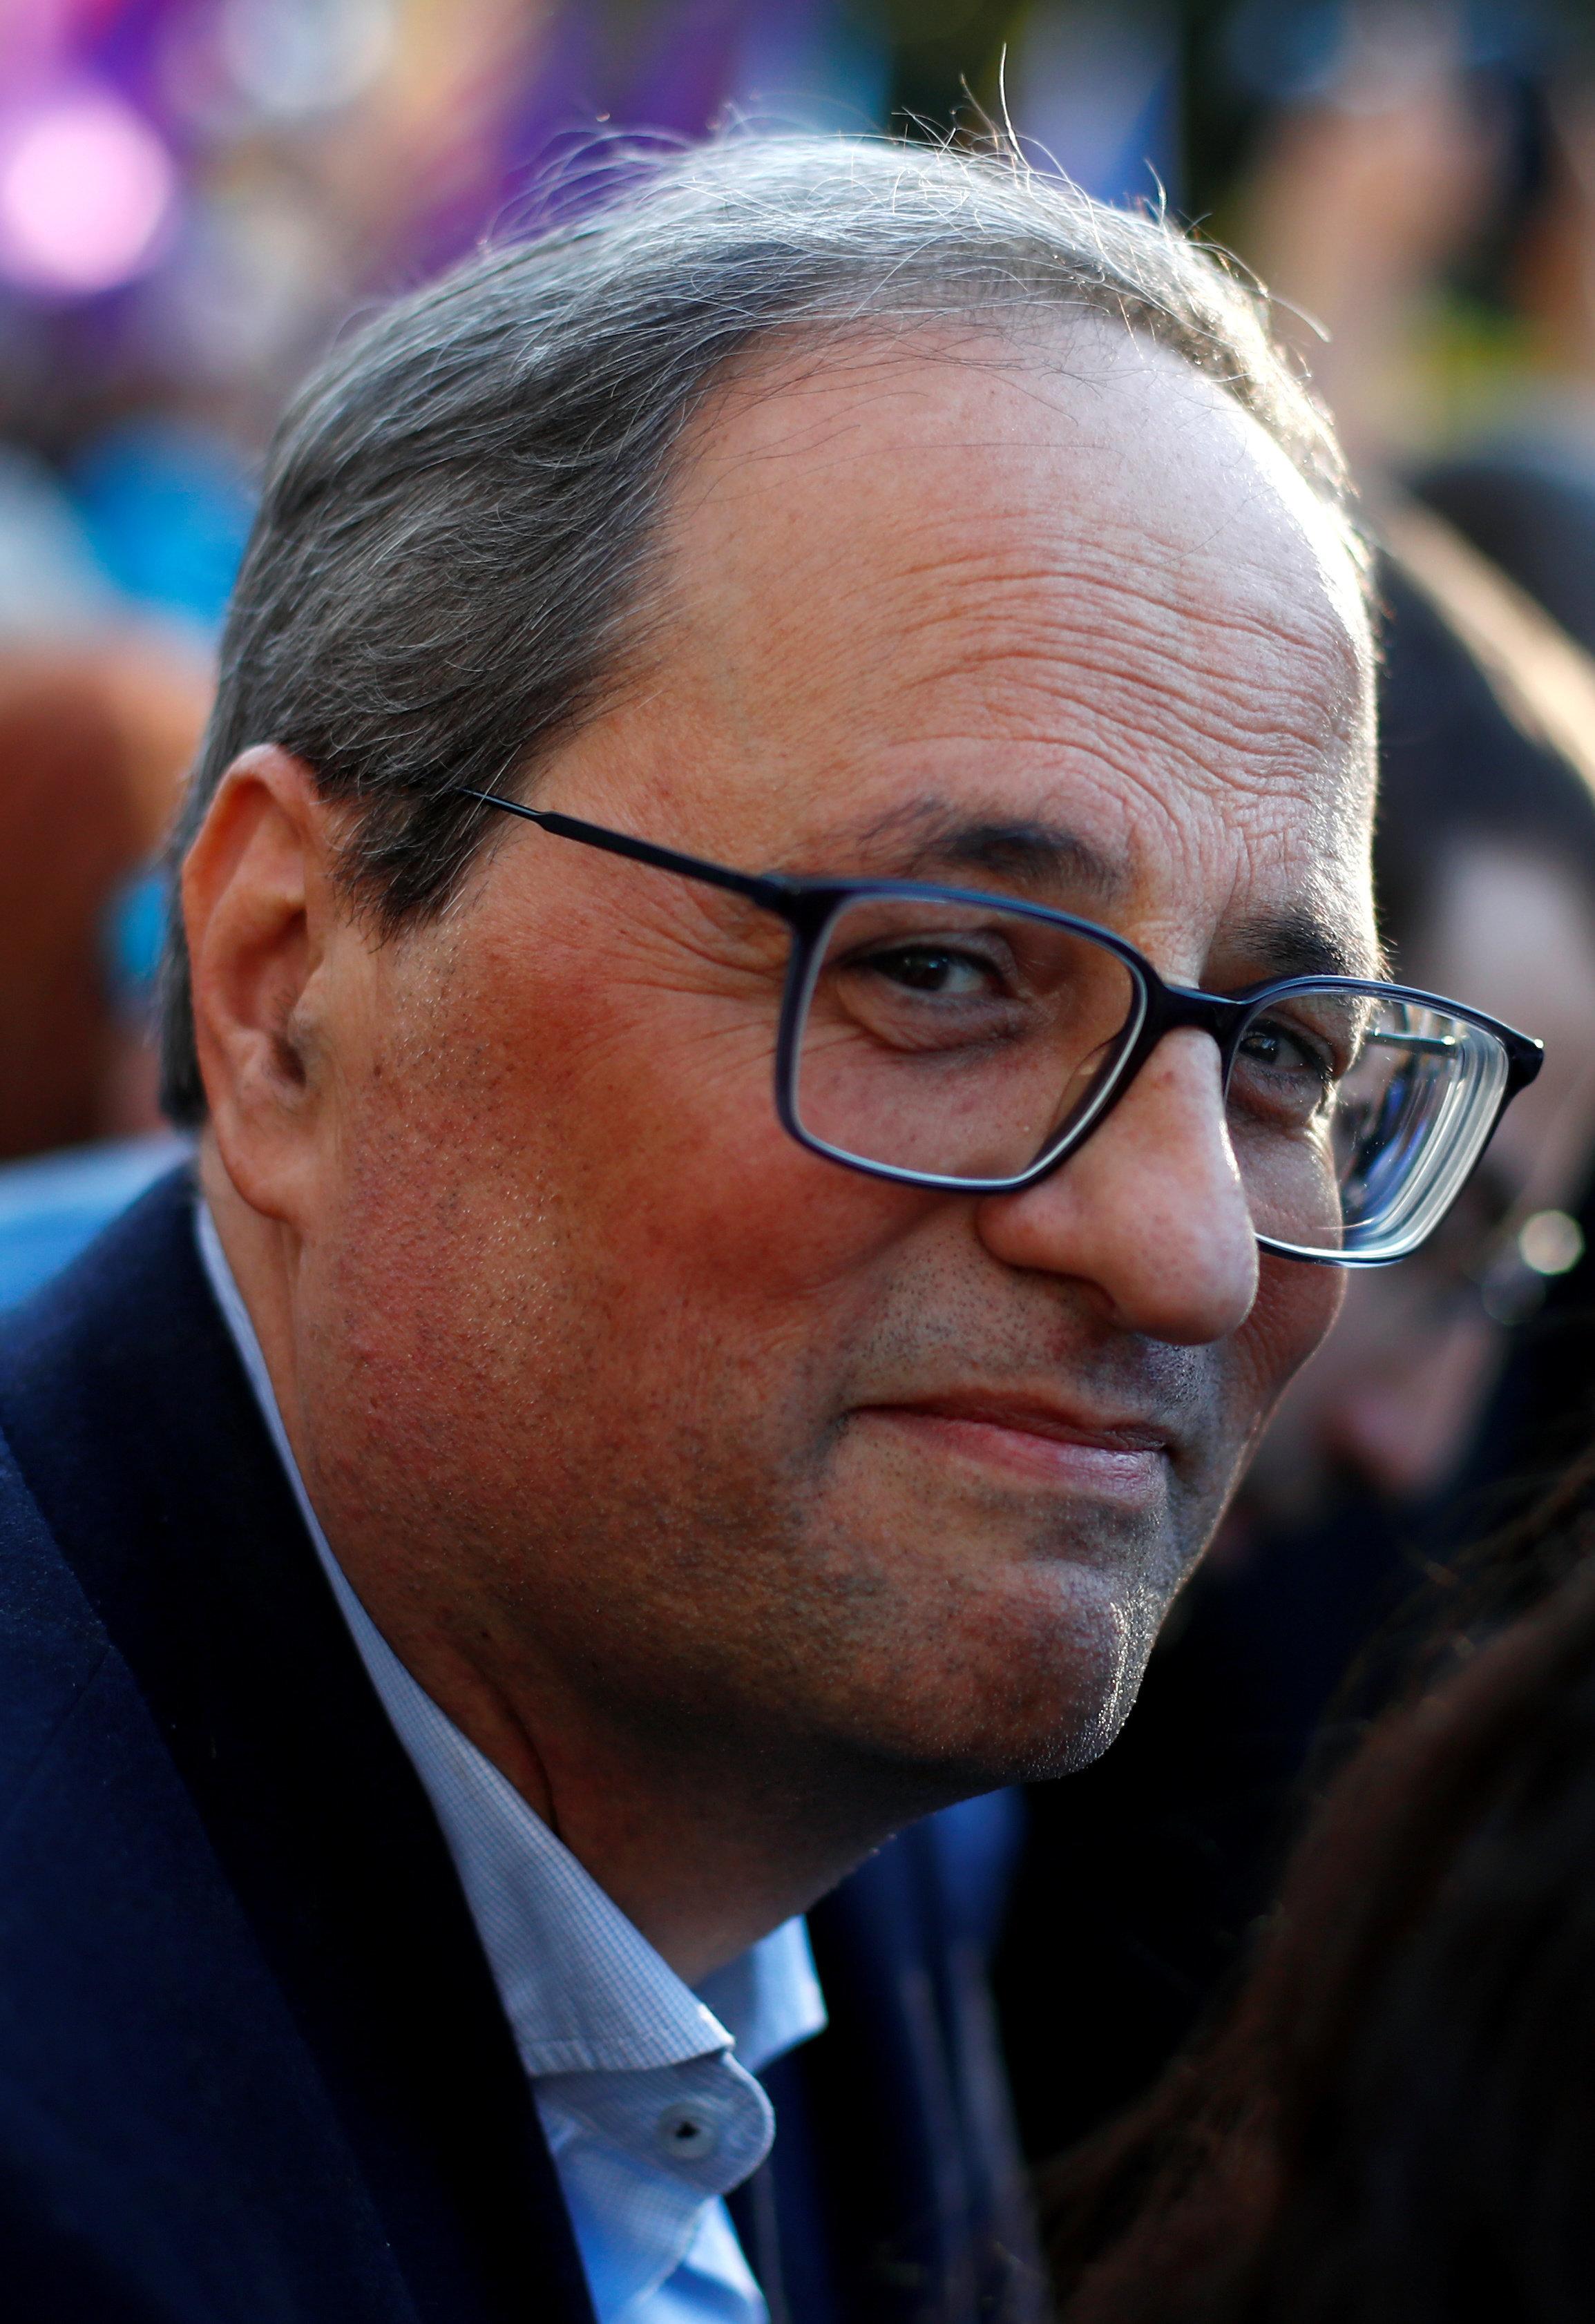 En Sant Jordi: Torra apela otra vez a la mediación internacional frente a la